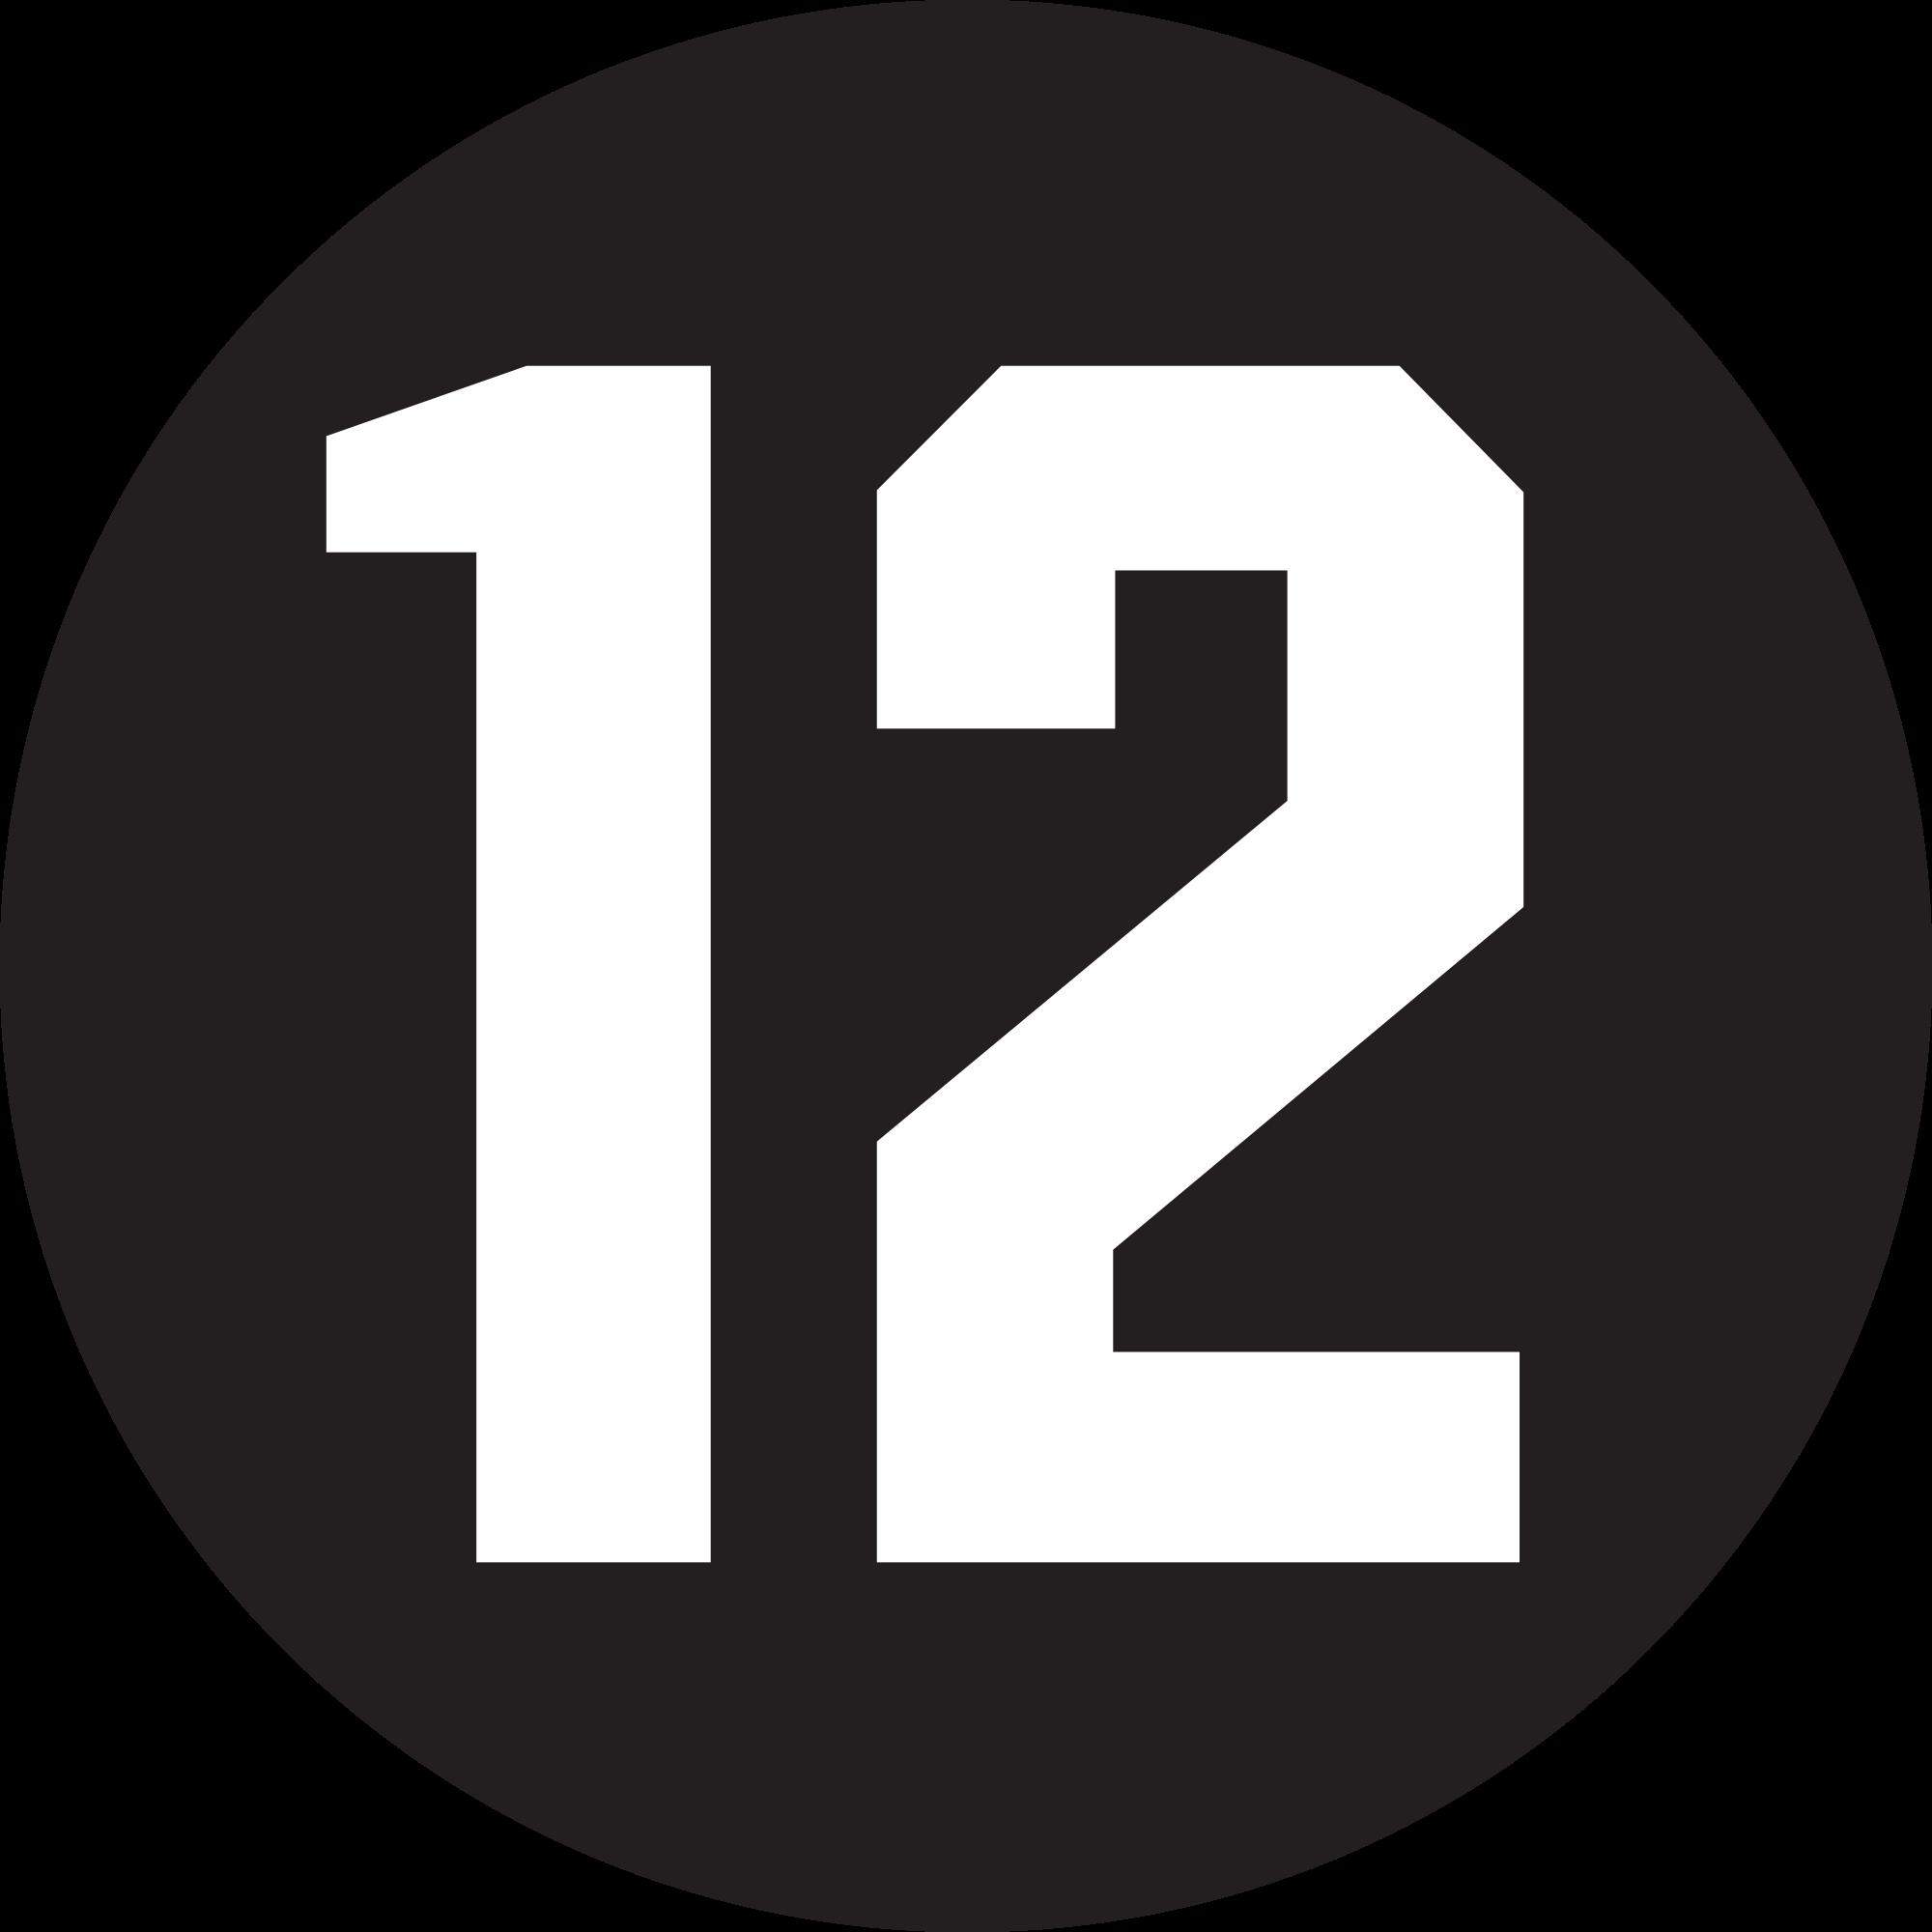 File:Kijkwijzer 12.png